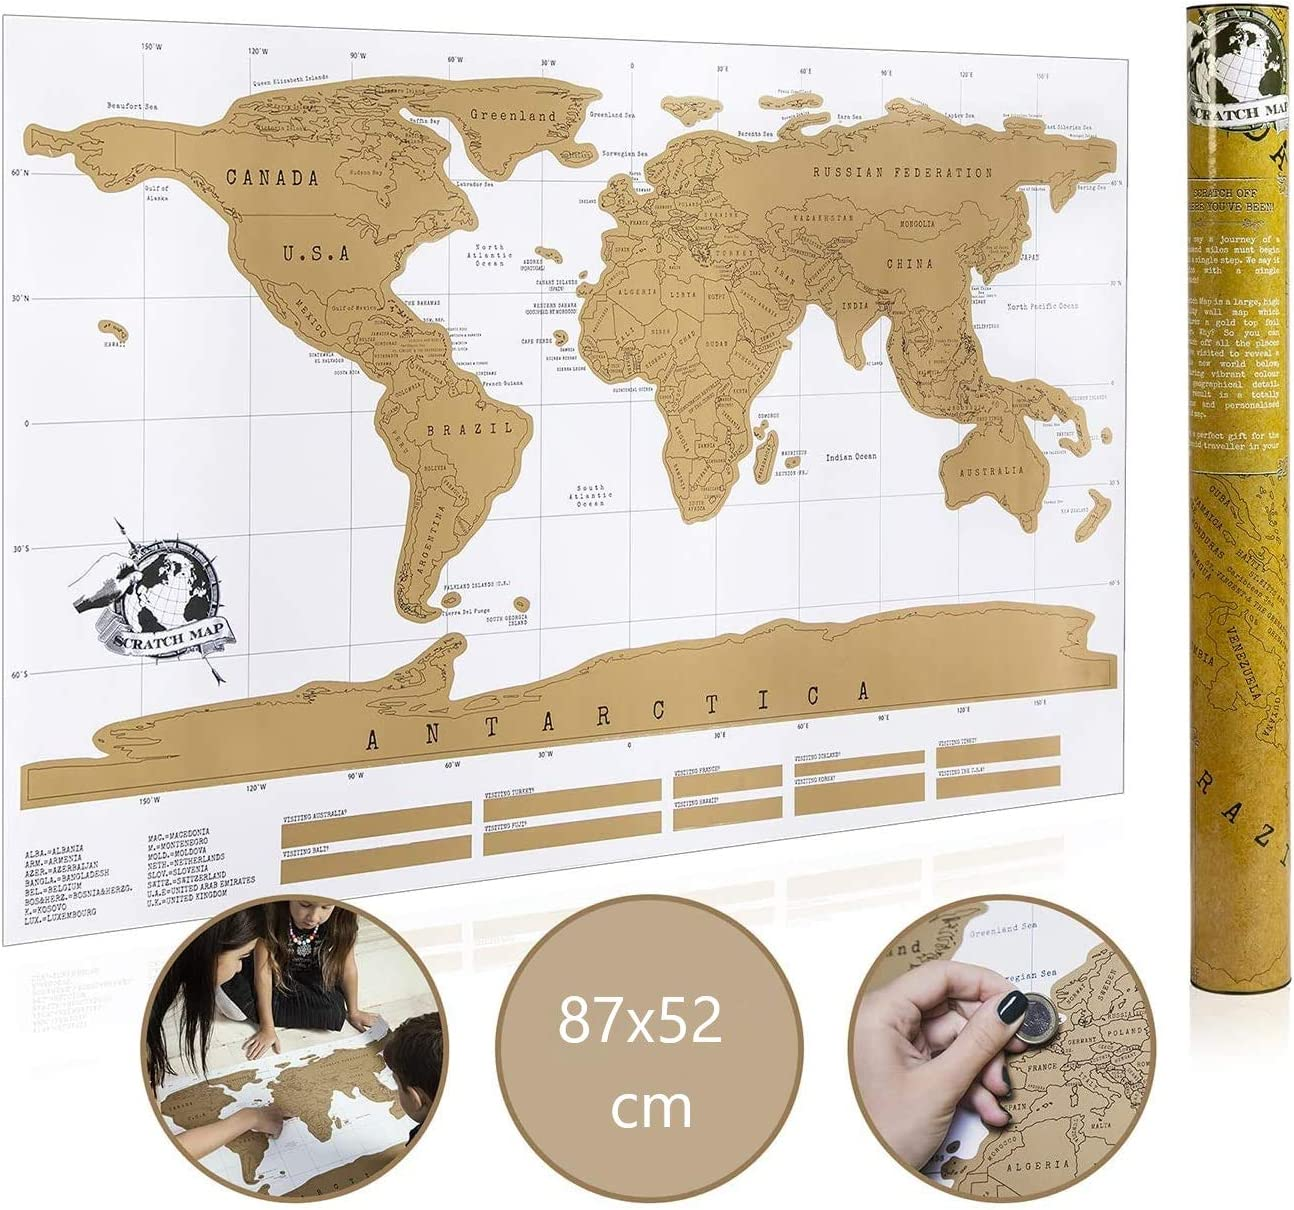 30 x 42 cm Incluye tubo y rascador de regalo Poster del mapa del mundo para rascar 30 x 42 Poster de lujo World Scratch Map Edicion para viajes.